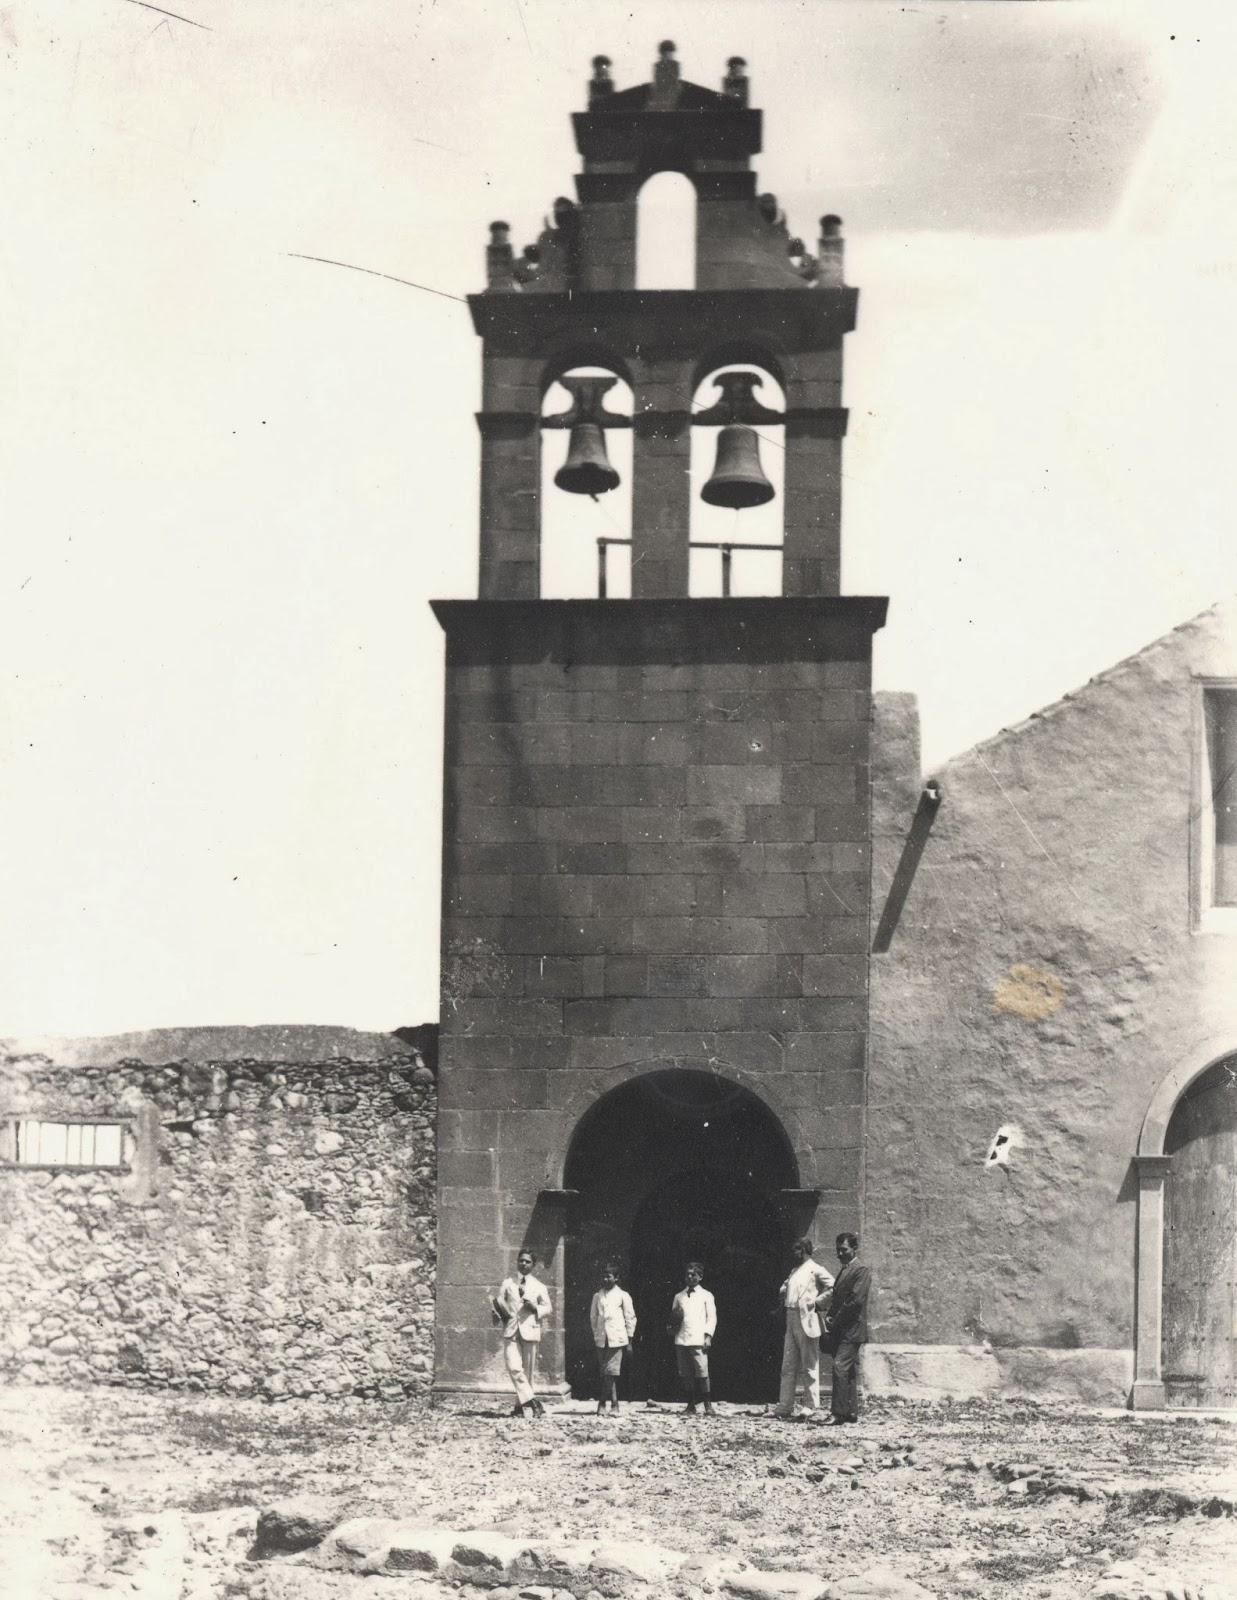 Imagen nº 5879 propiedad del archivo de fotografía histórica de la FEDAC/CABILDO DE GRAN CANARIA. Realizada entre los años 1909 y 1912. Fotógrafo aún sin identificar.